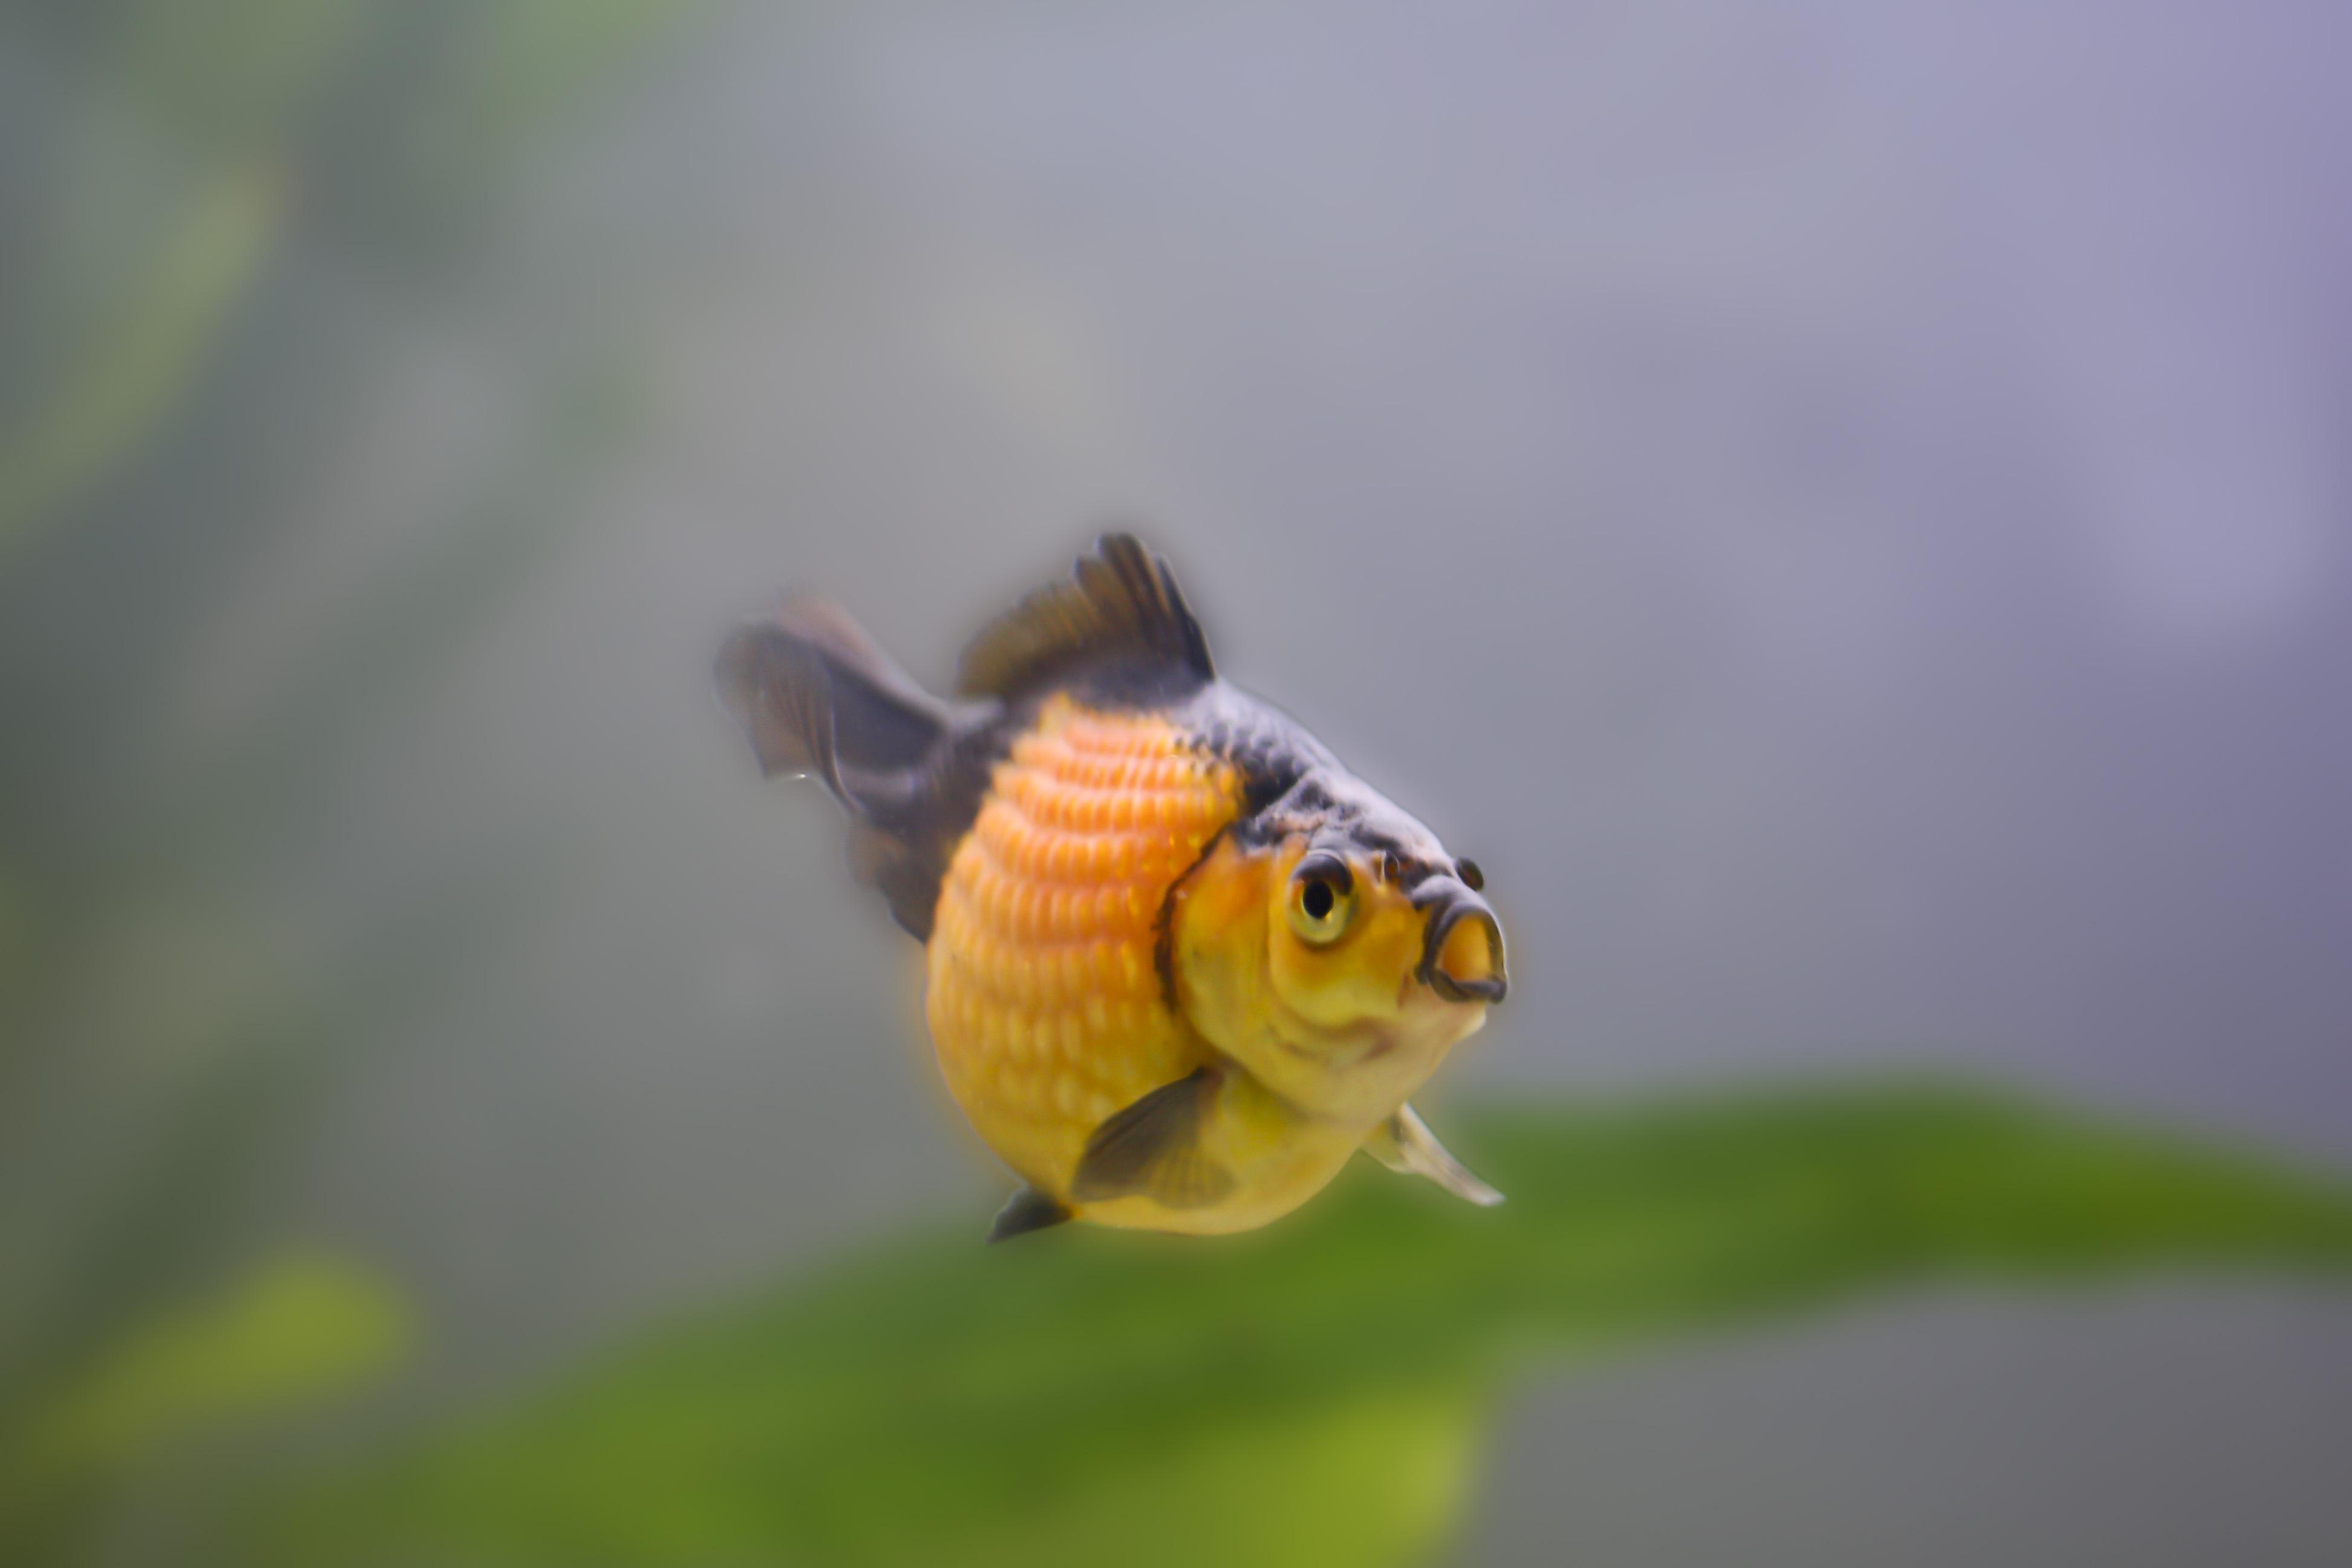 Perlschupper goldfisch pearlscale goldfish aquarium for Aquarium goldfische